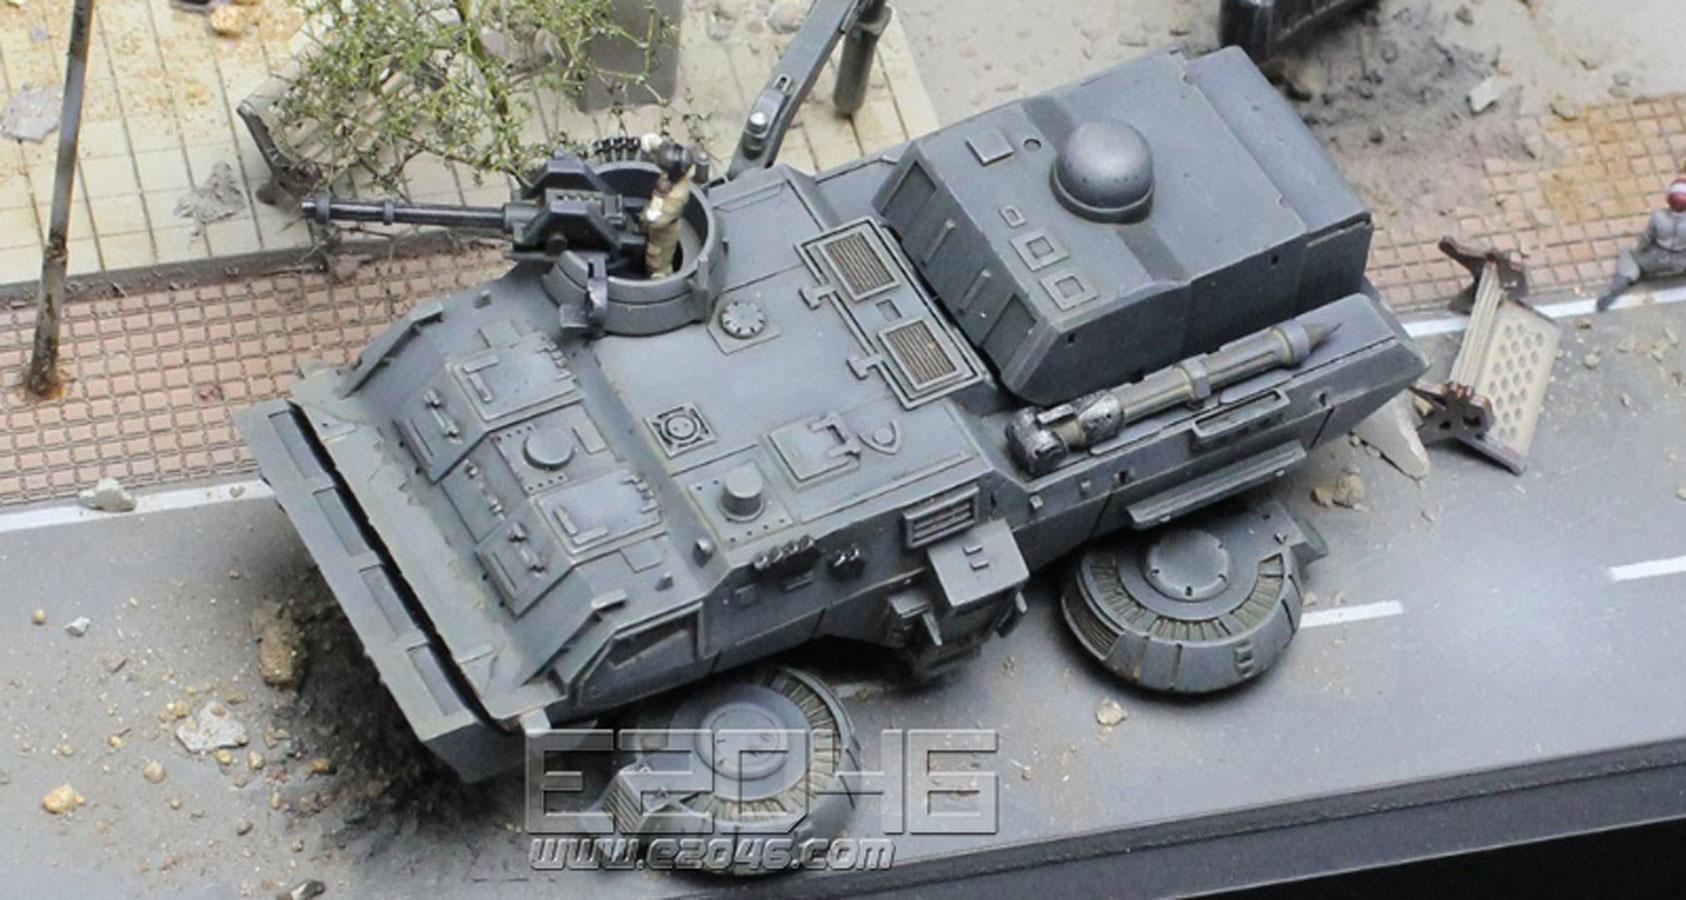 EFSE Reconnaissance Vehicle